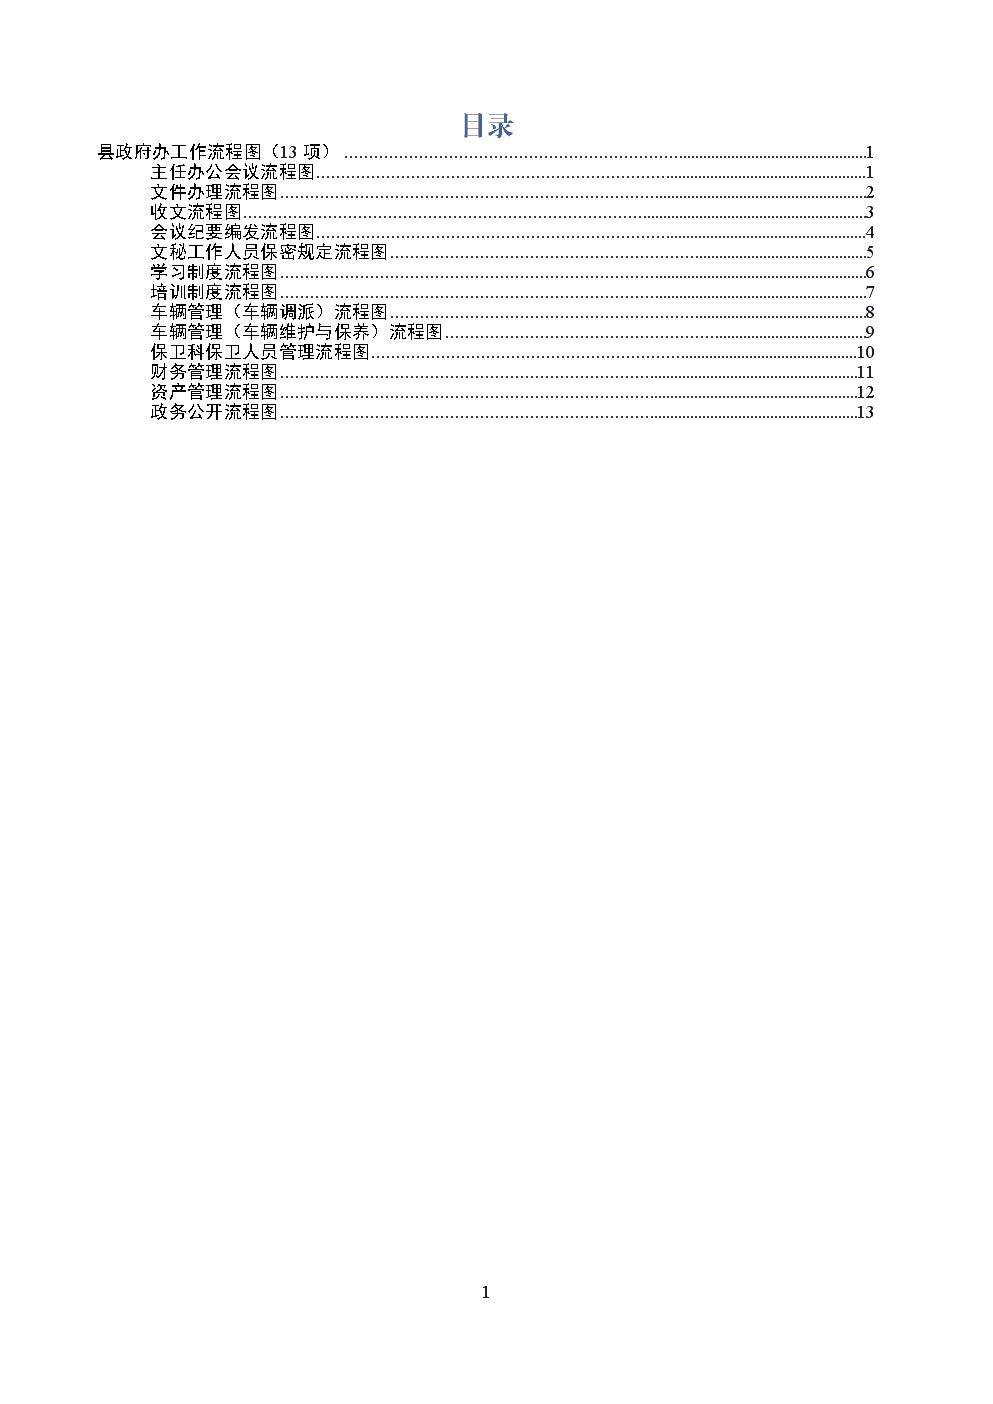 县政府办工作流程图13项.docx